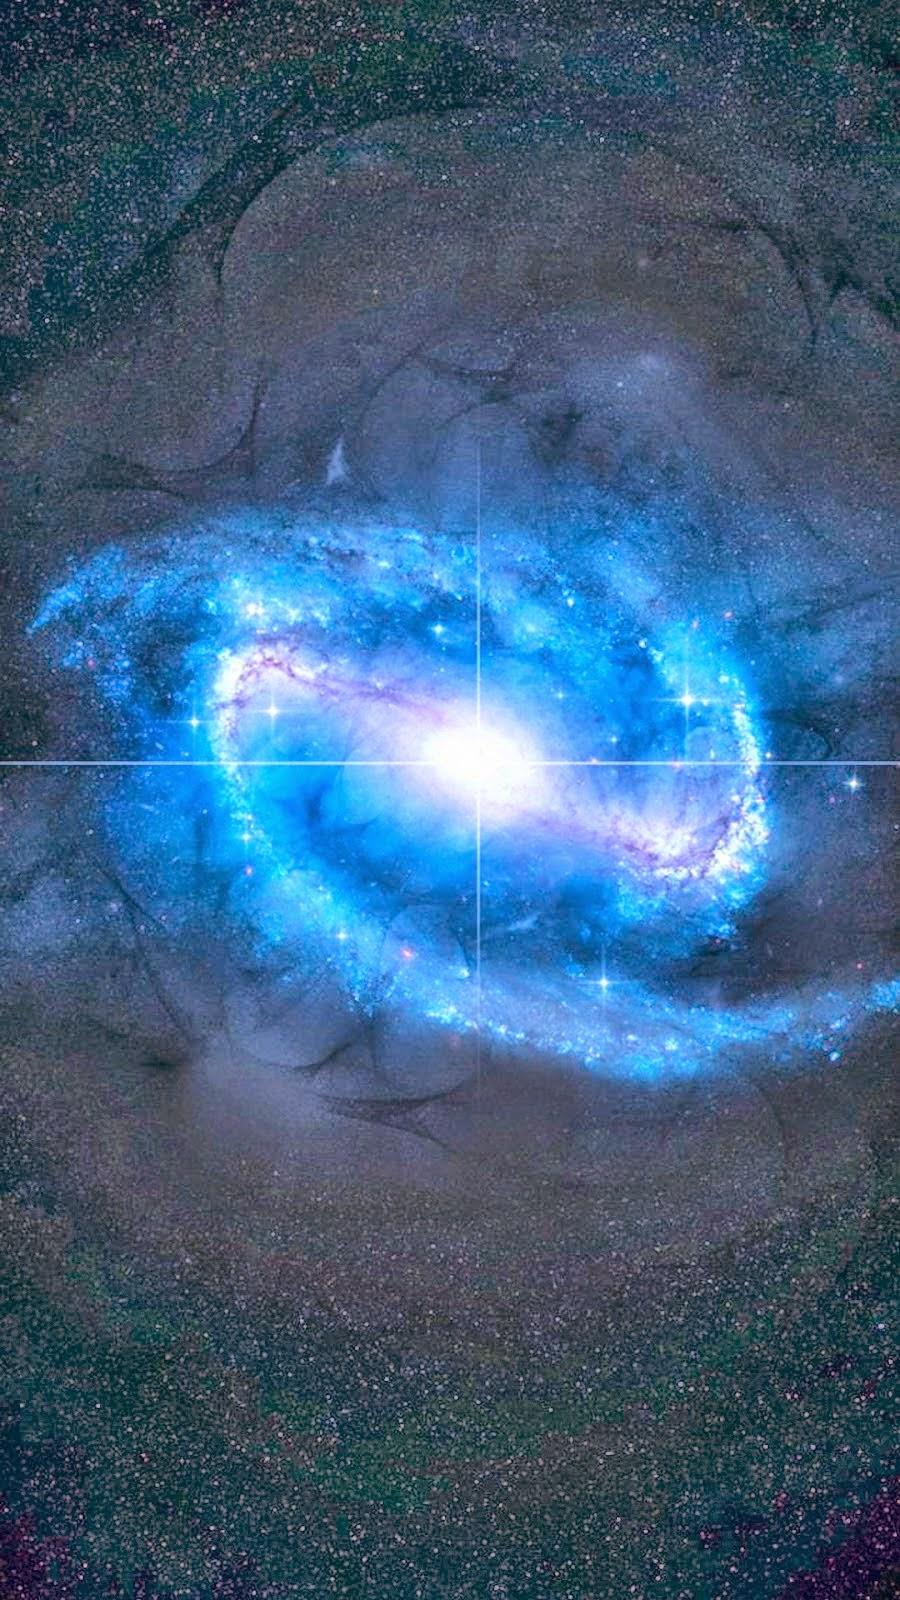 tải hình galaxy s5 hd